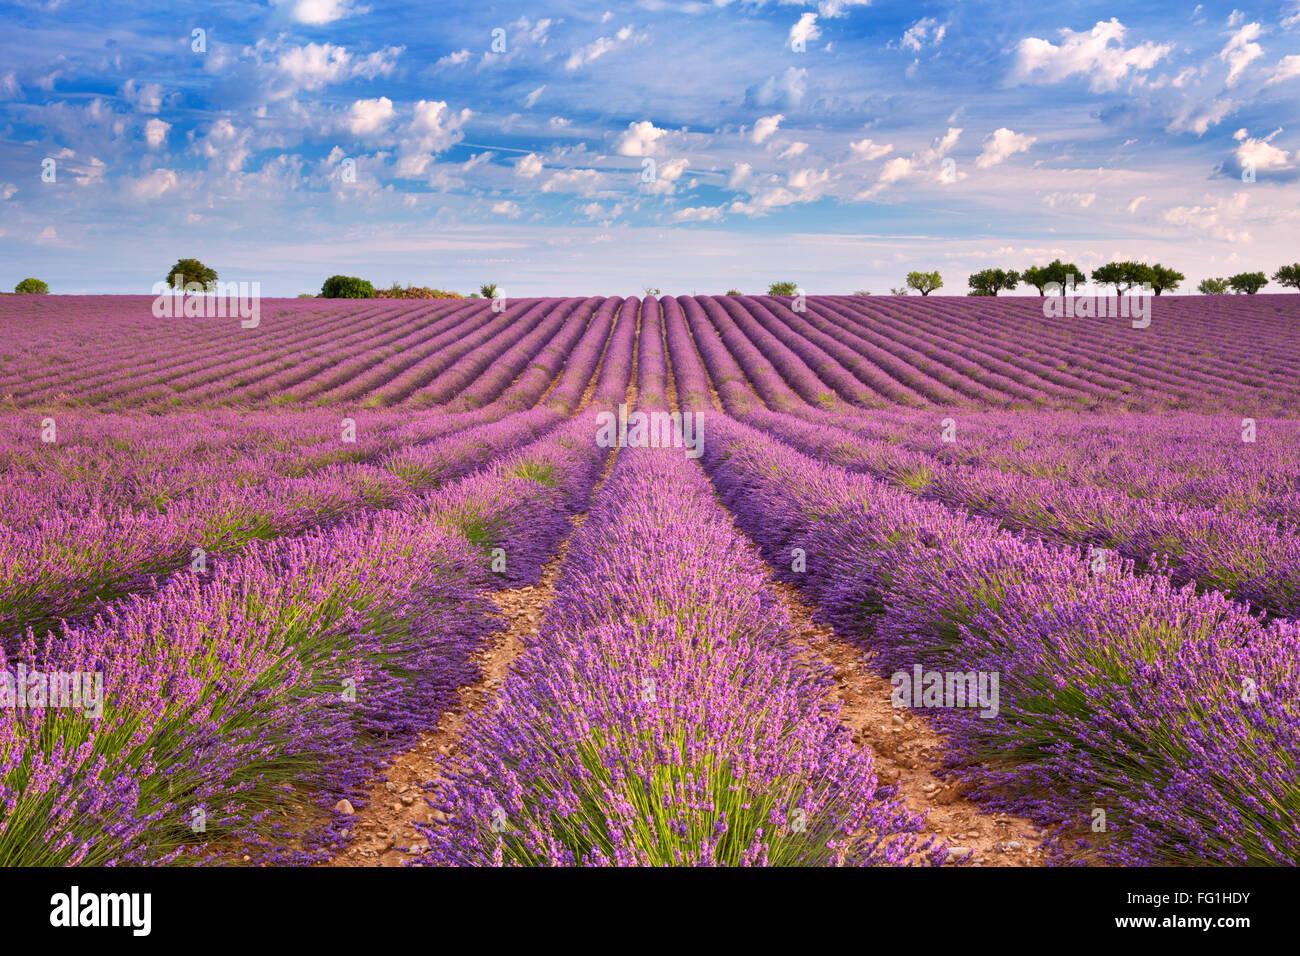 Blooming campos de lavanda en Valensole meseta en la Provenza en el sur de Francia. Foto de stock